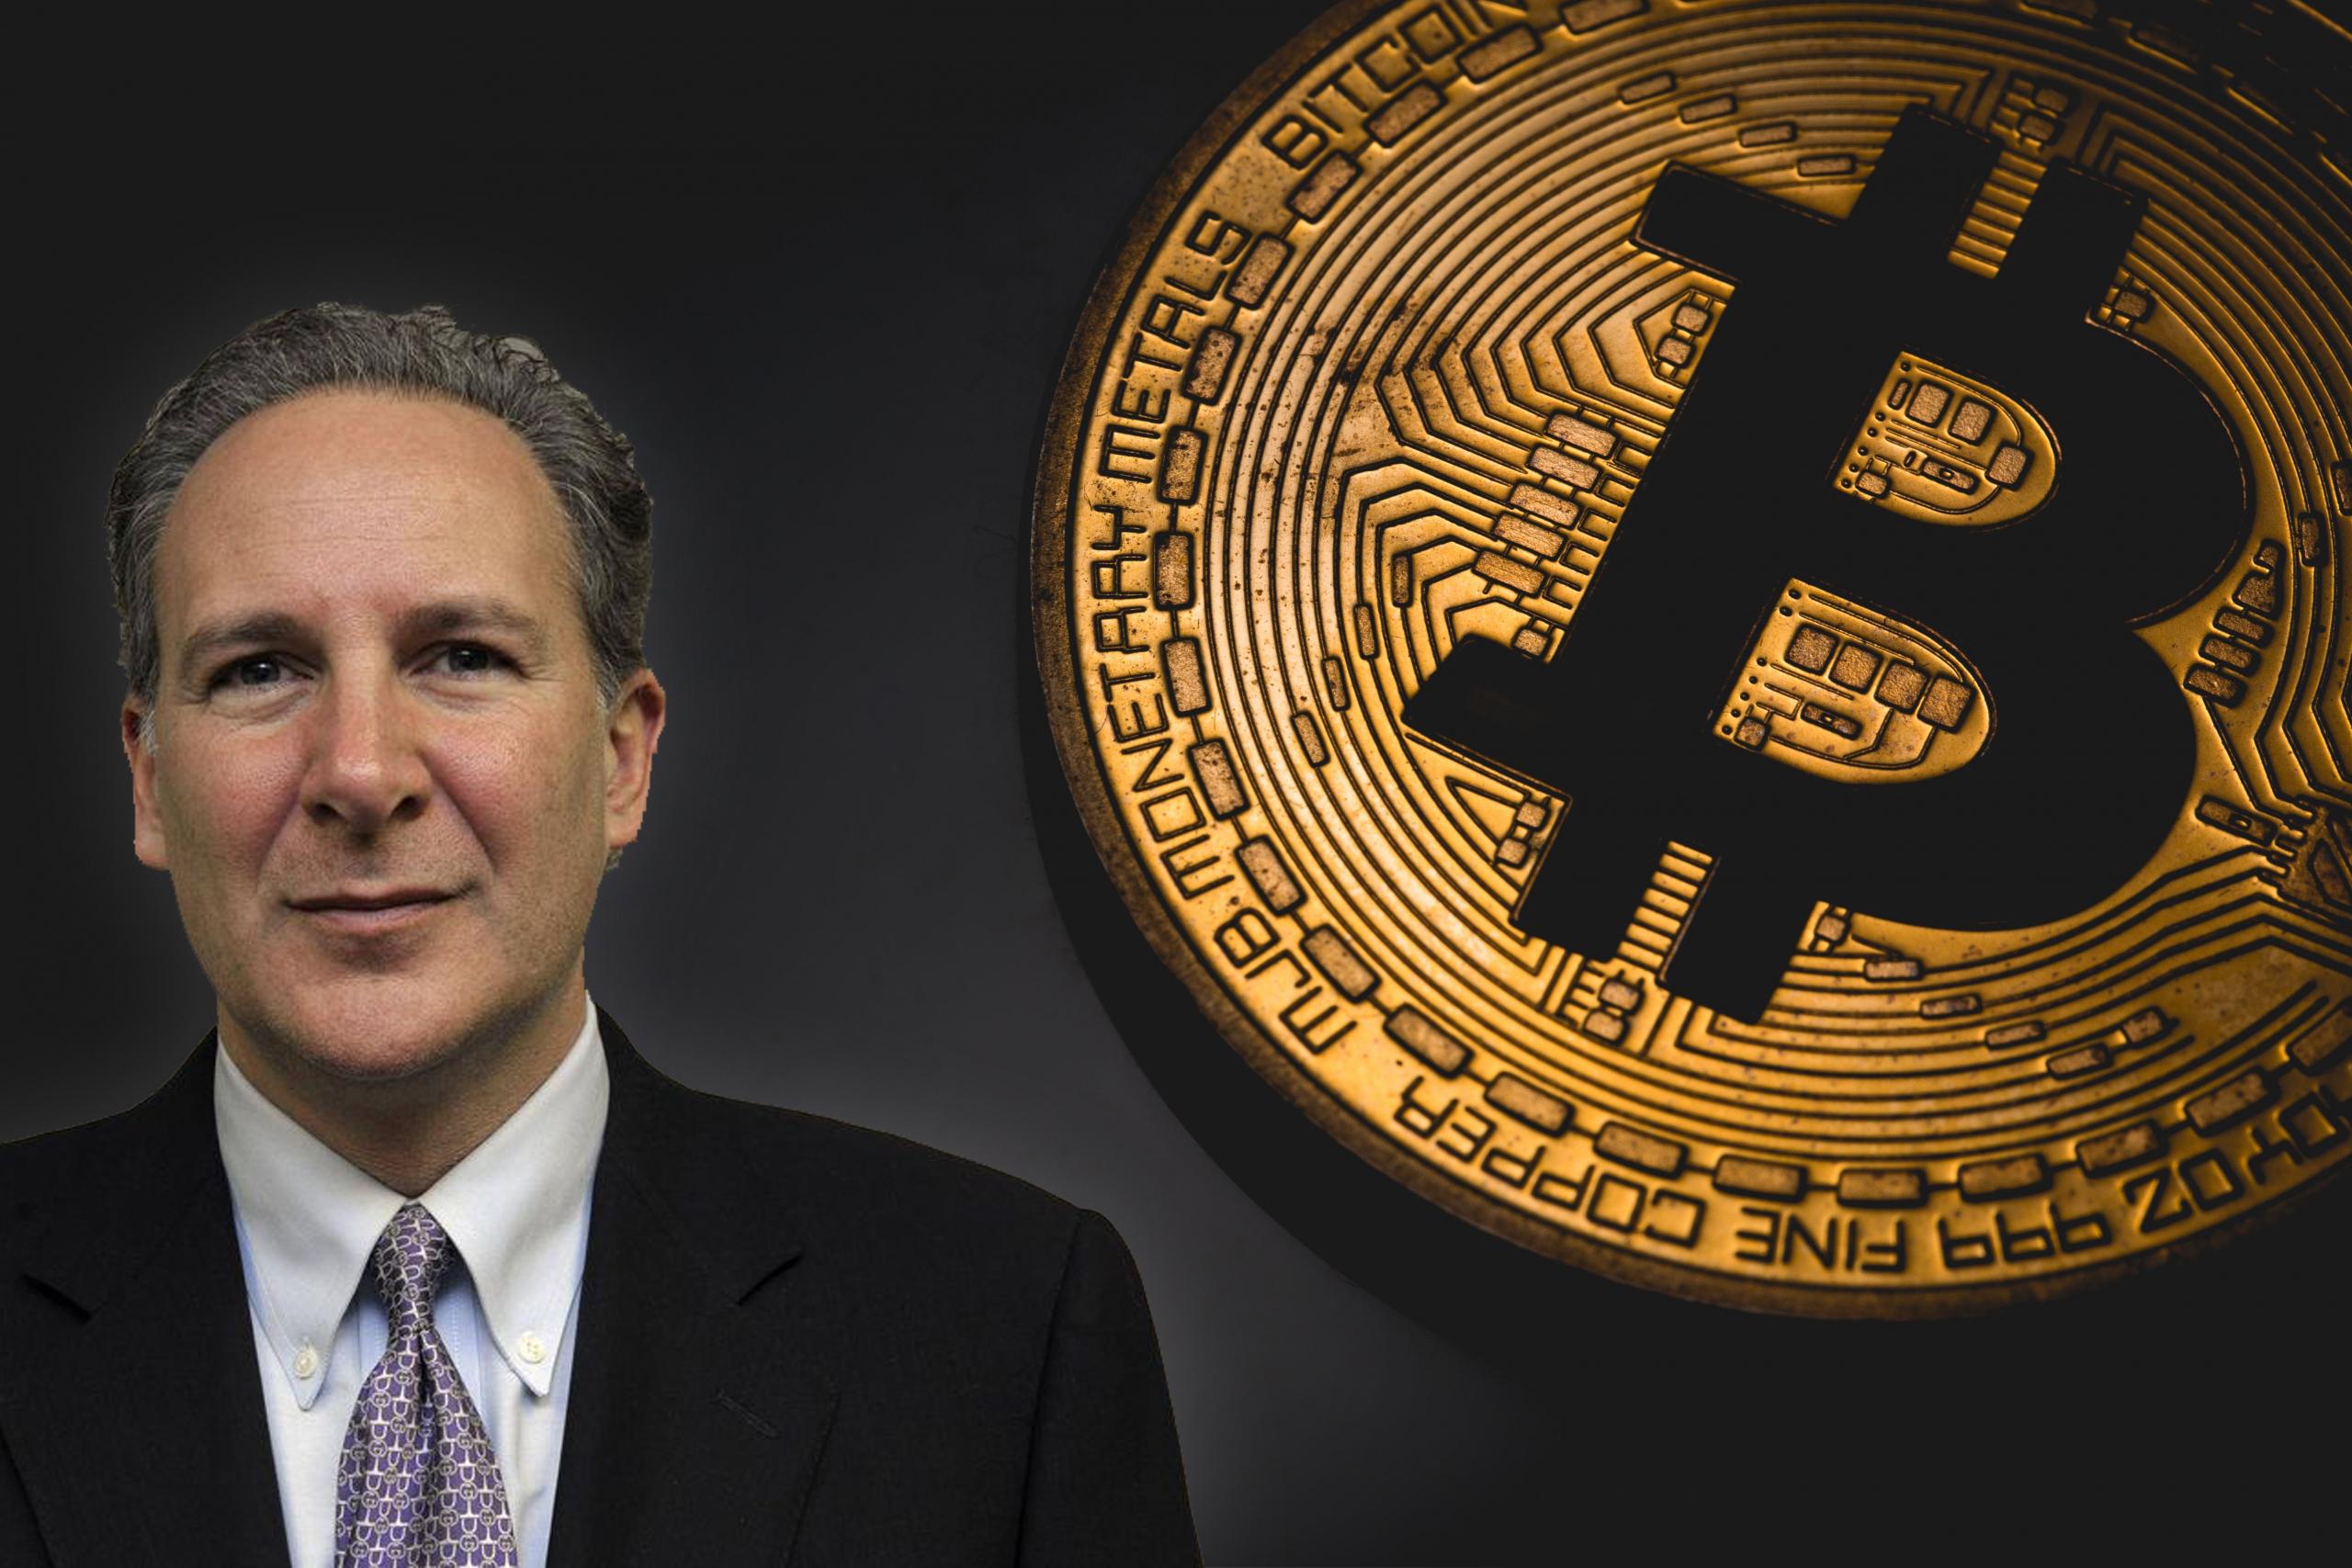 peter schiff bitcoin yarışı bitiremeyecek